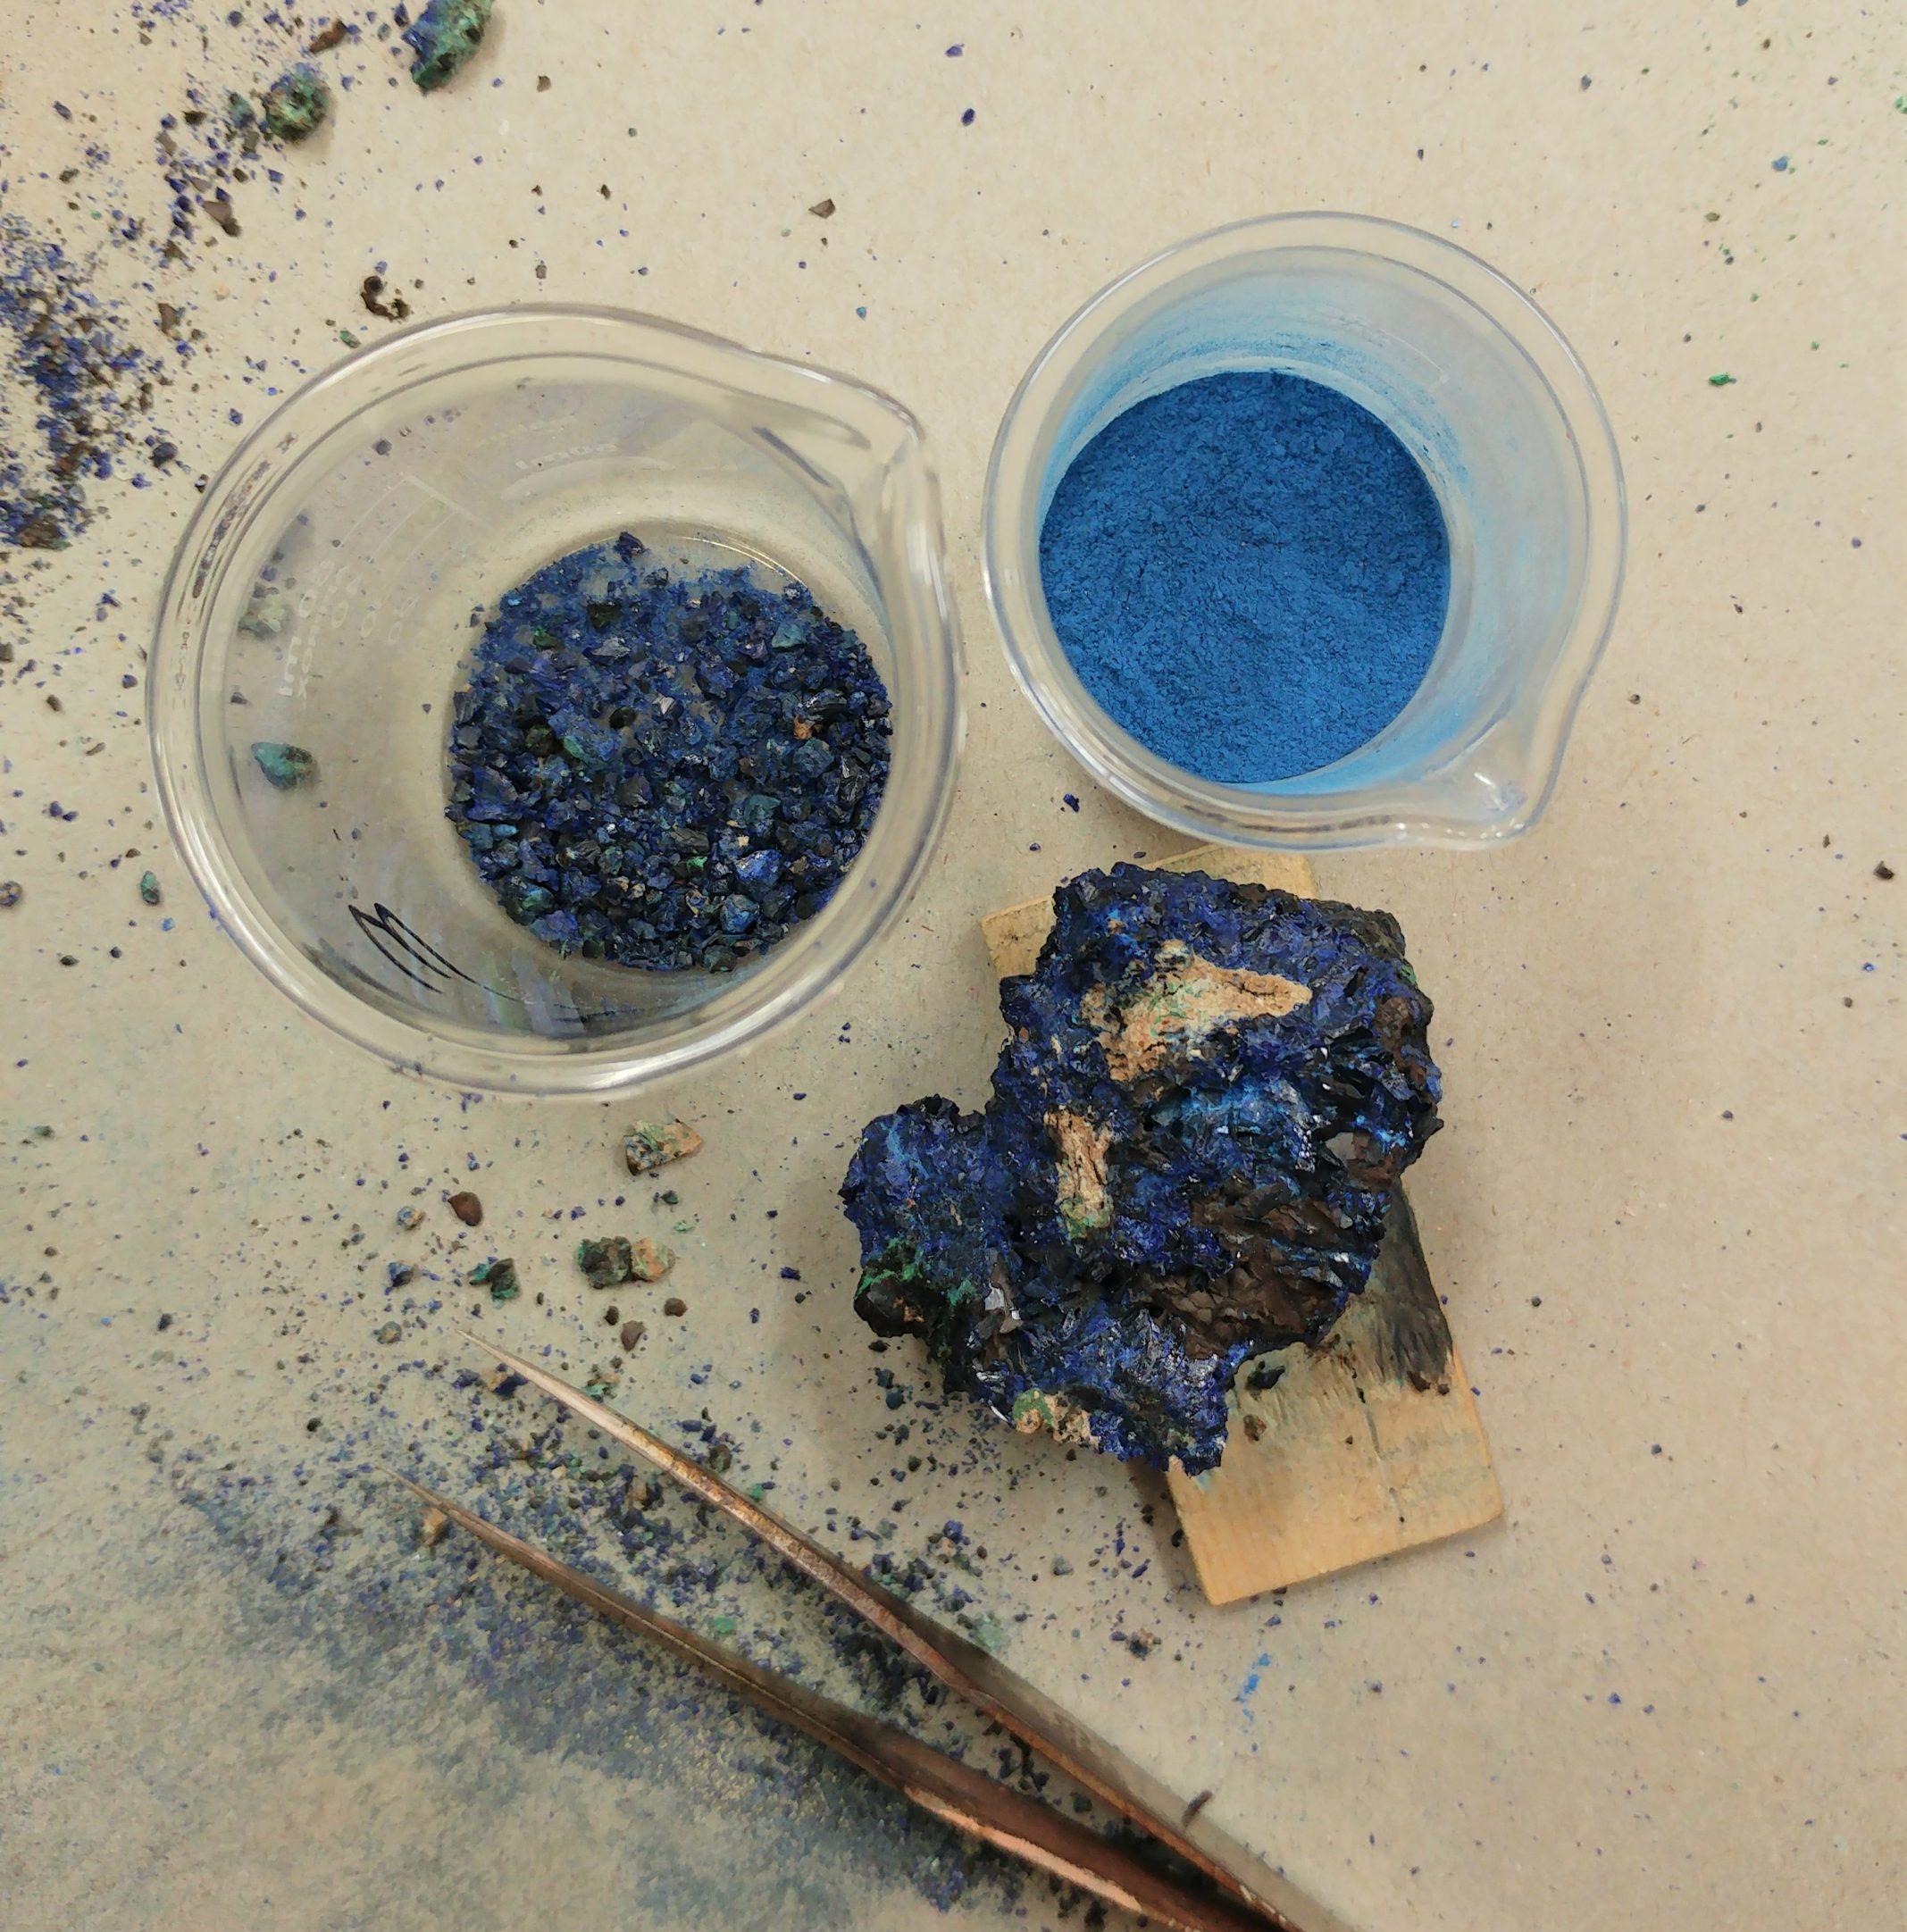 Une image de lapis lazuli non broyé, en cours de broyage et en poudre.